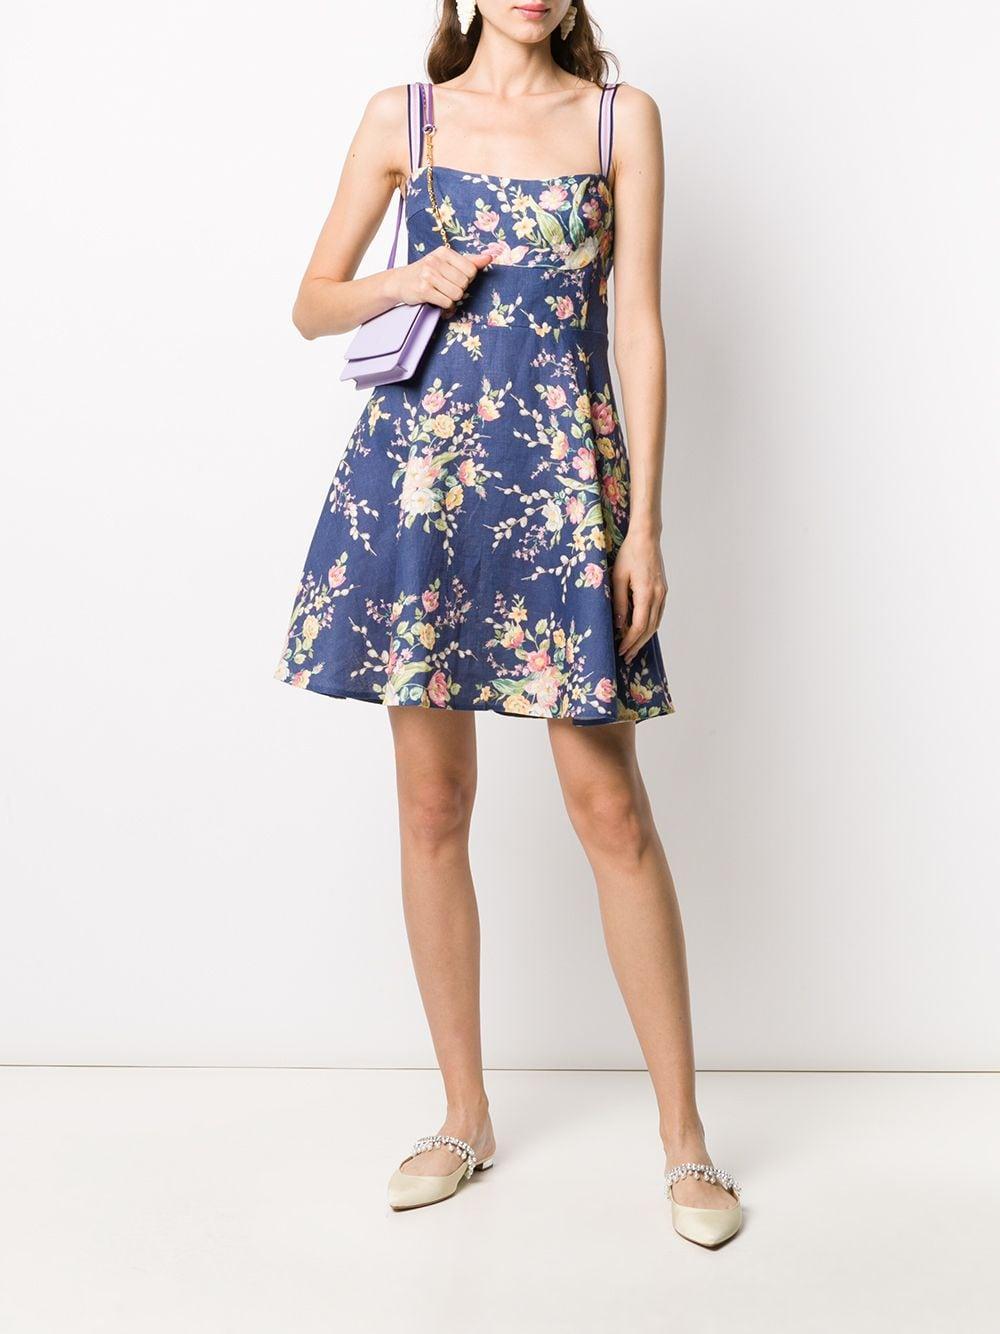 Zimmermann Leinen 'Zinnia' Minikleid mit Blumen-Print in Blau